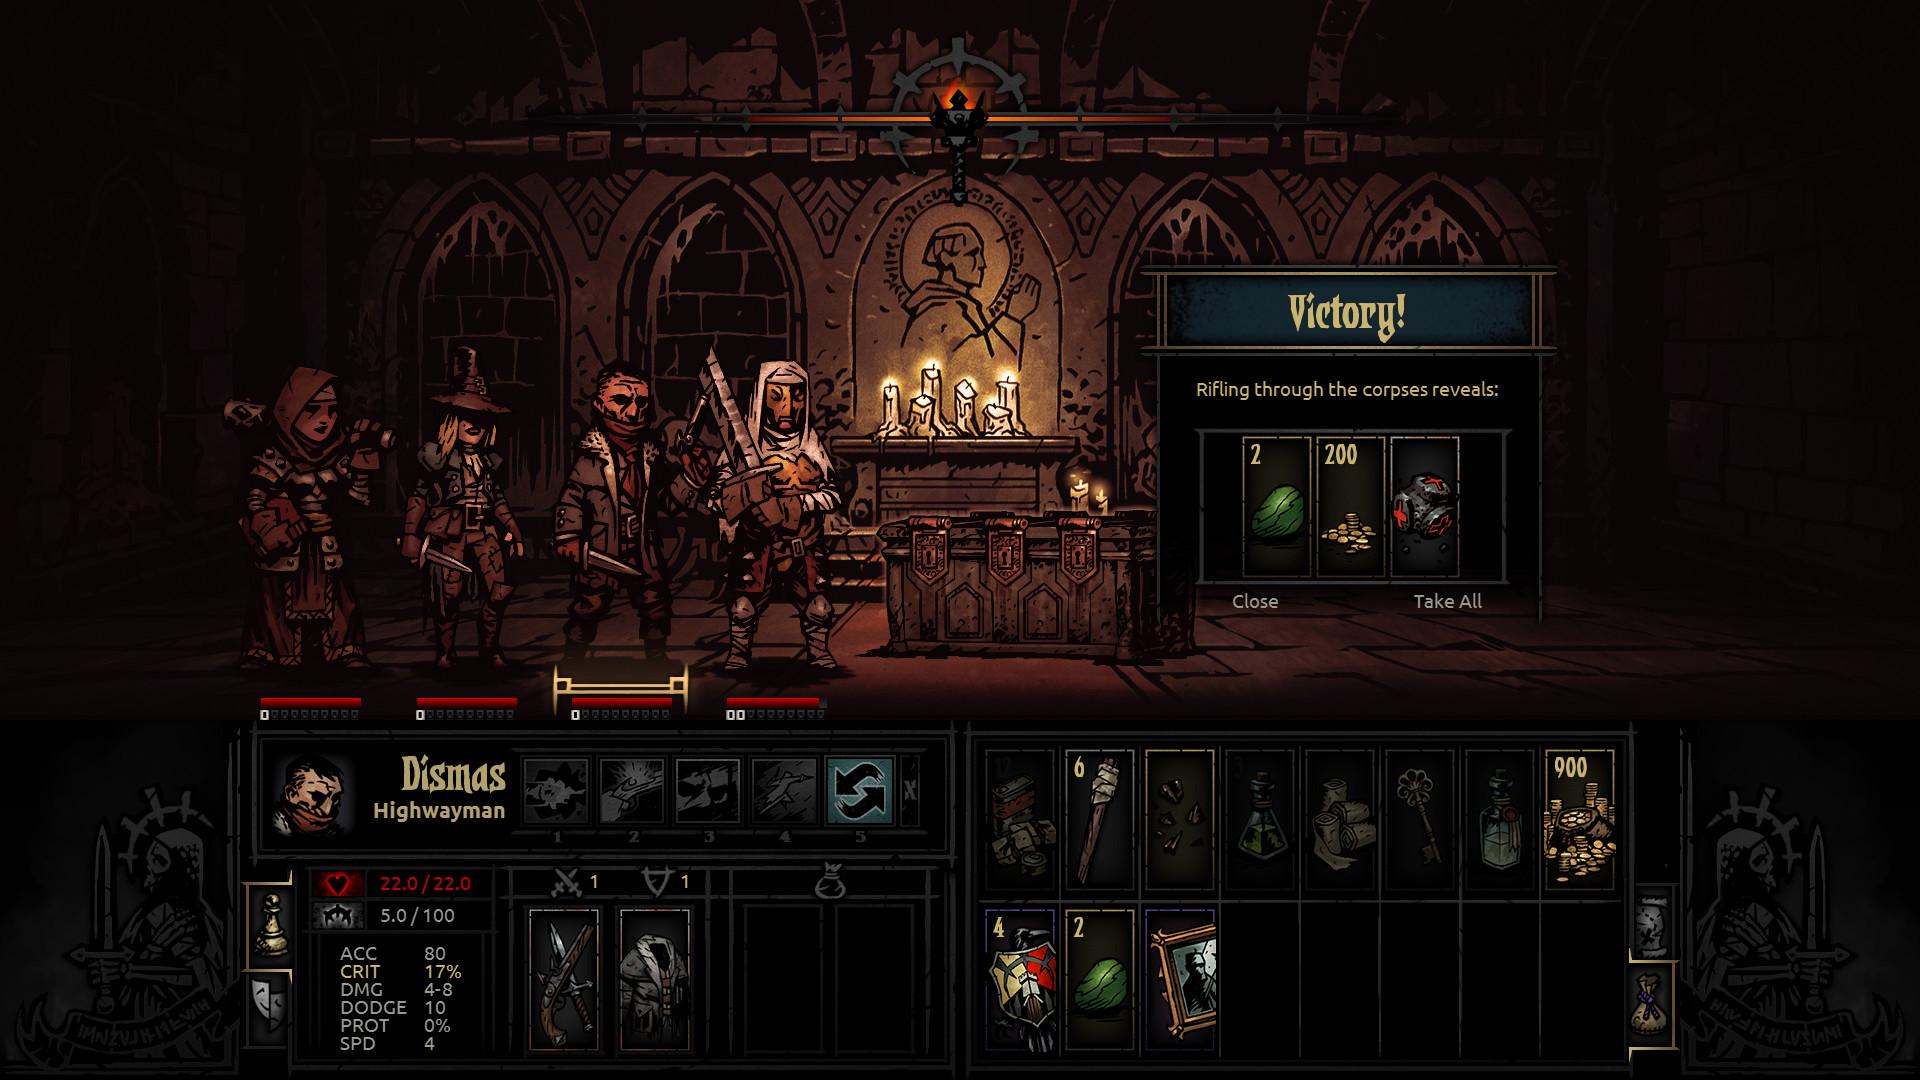 Darkest Dungeon Screenshot 2